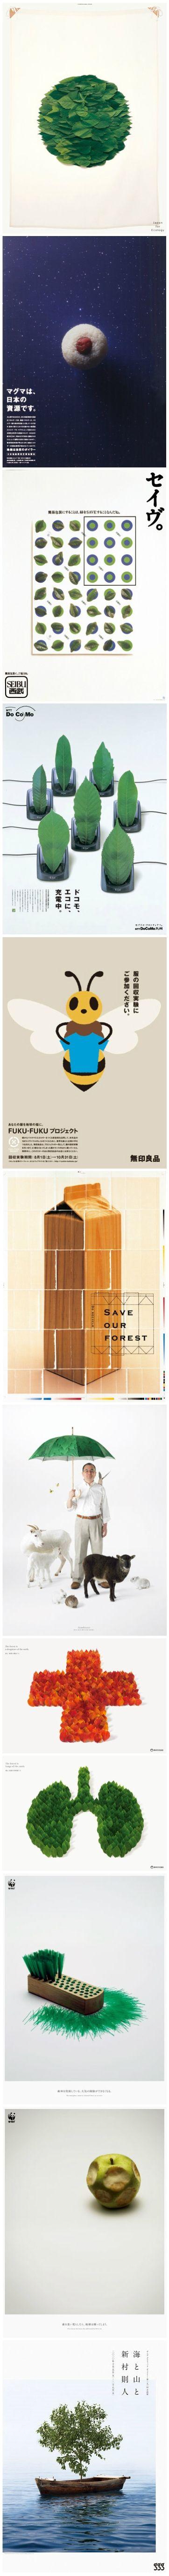 日本设计大师新村则人的海报 - 2